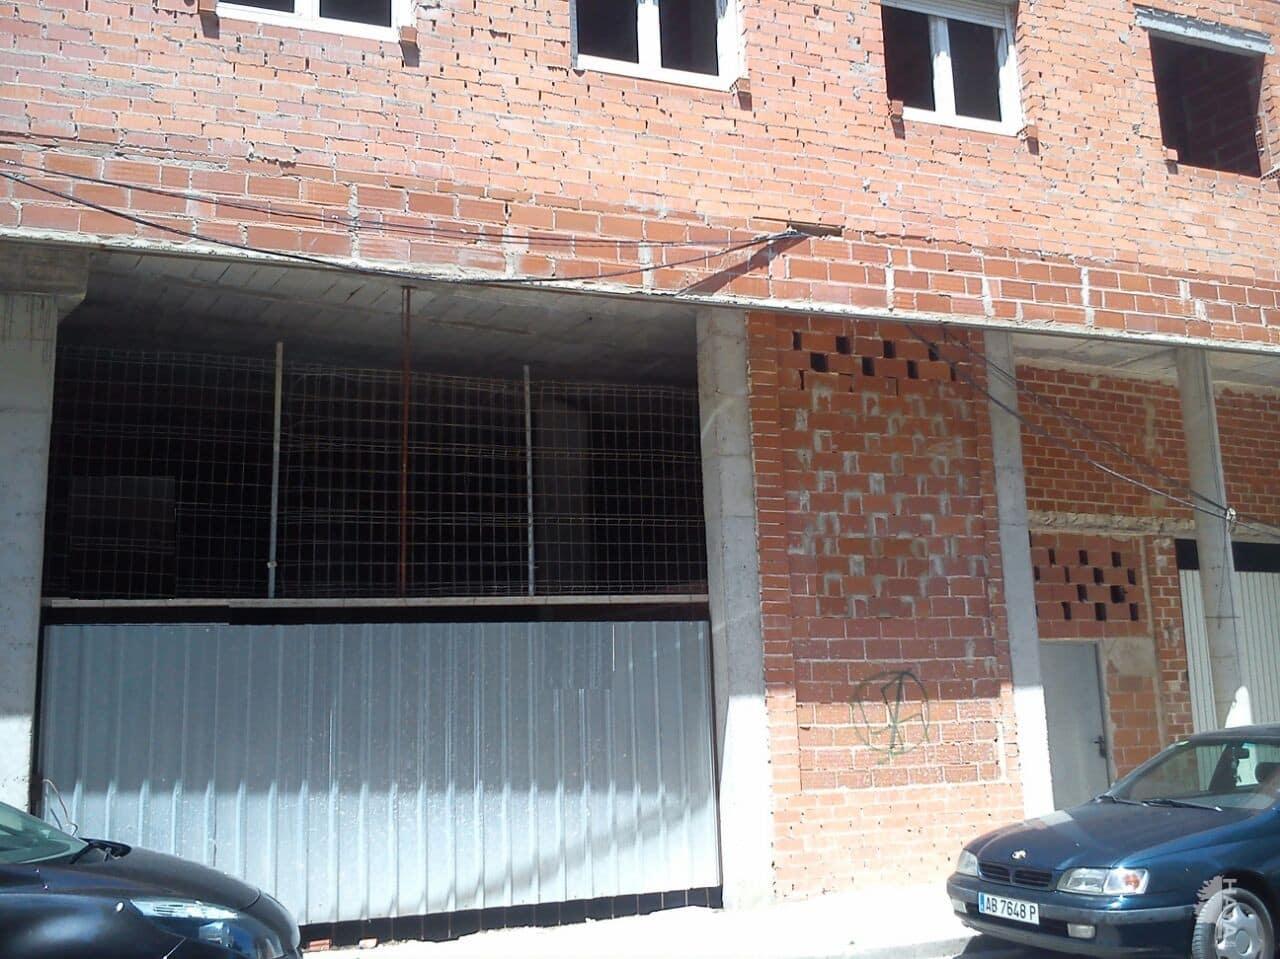 Piso en venta en La Roda, Albacete, Paseo Juan Garcia Glz, 32.400 €, 1 habitación, 1 baño, 95 m2